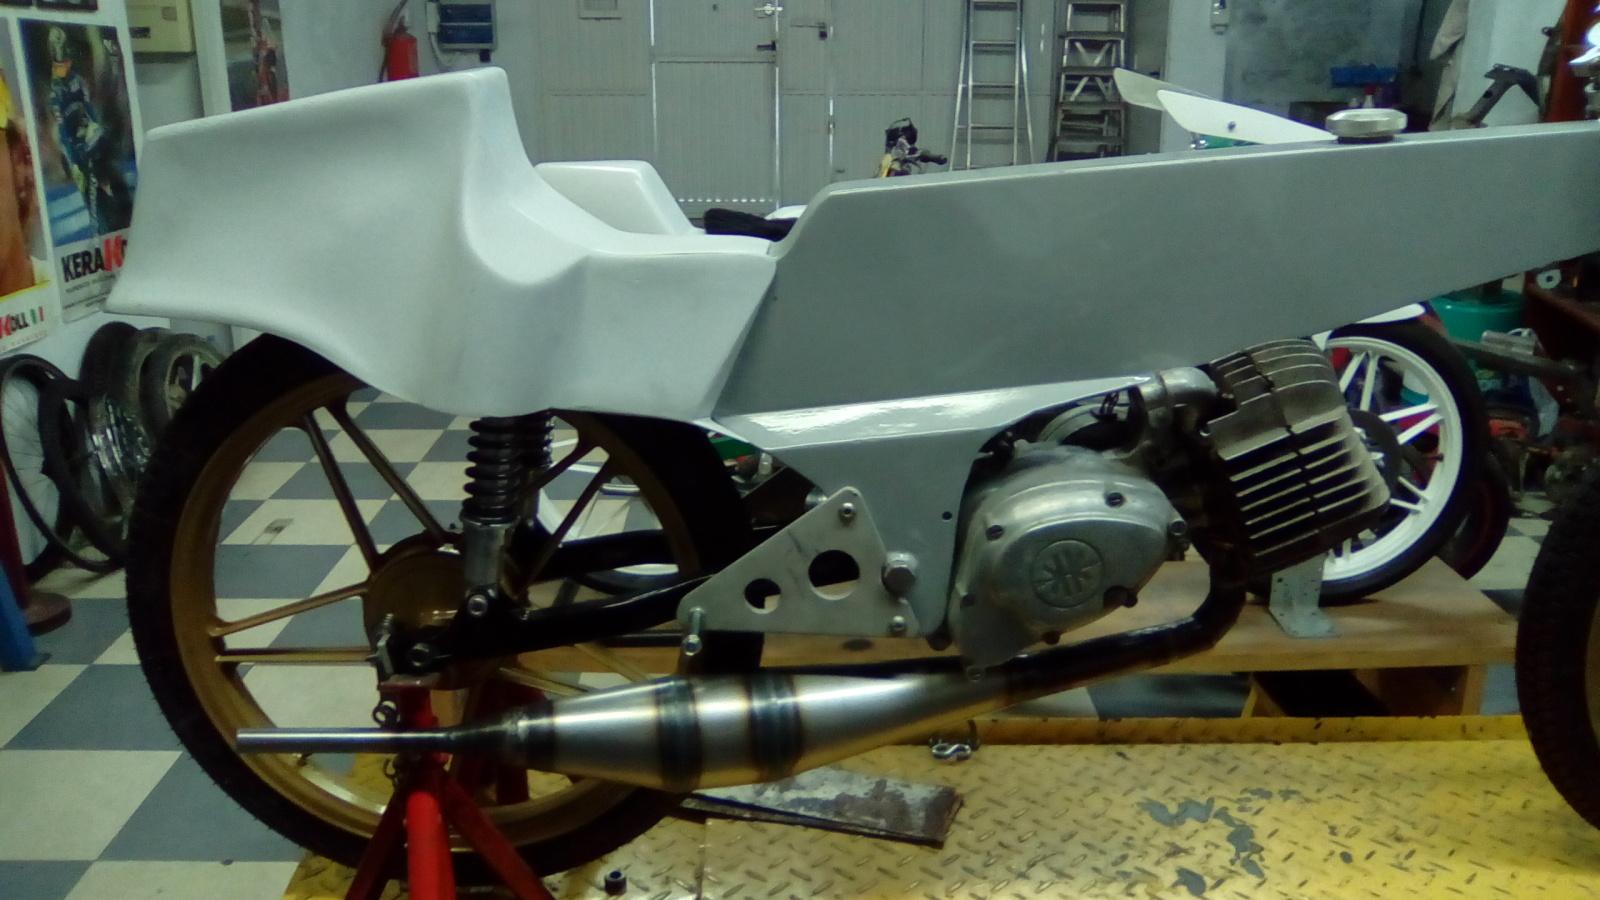 bultaco - Réplica Bultaco 50 MOTUL Carmona 1982 - Página 21 Rc67a9